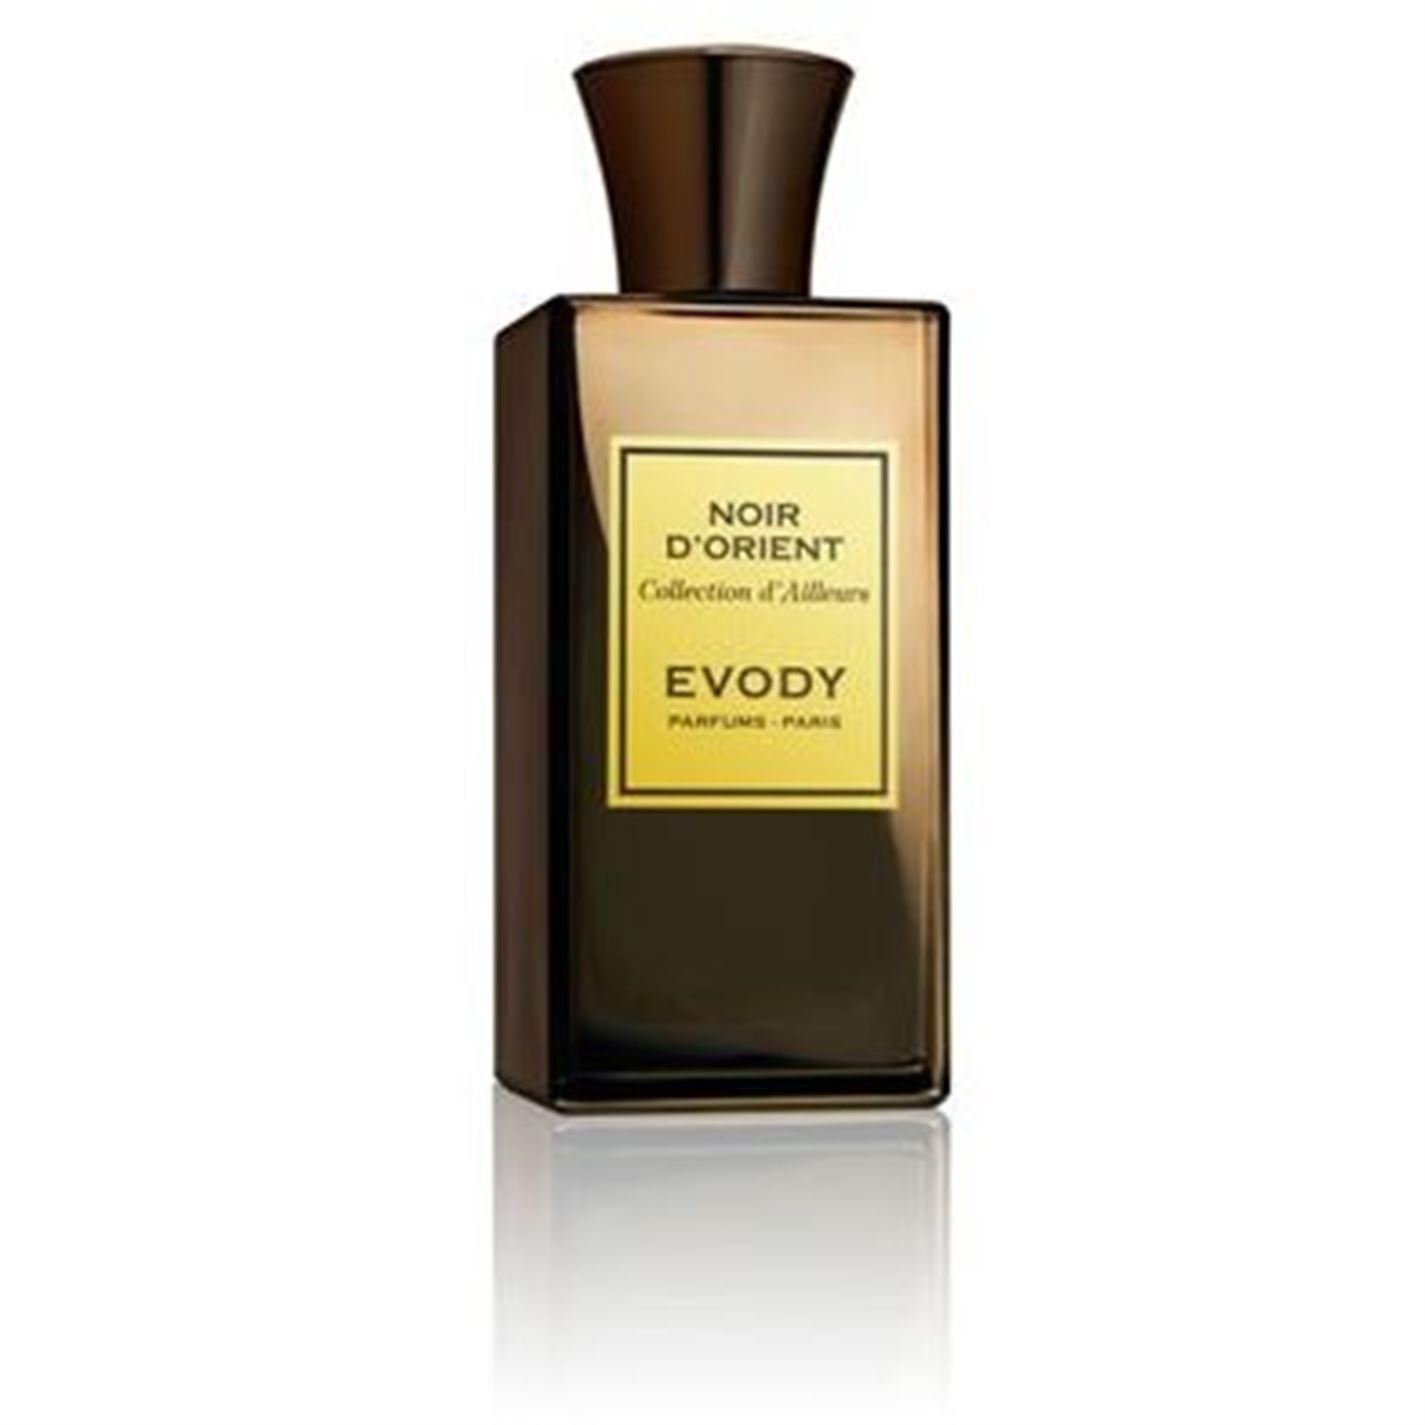 Evody Noir d`Orient Eau de Parfum 50ml